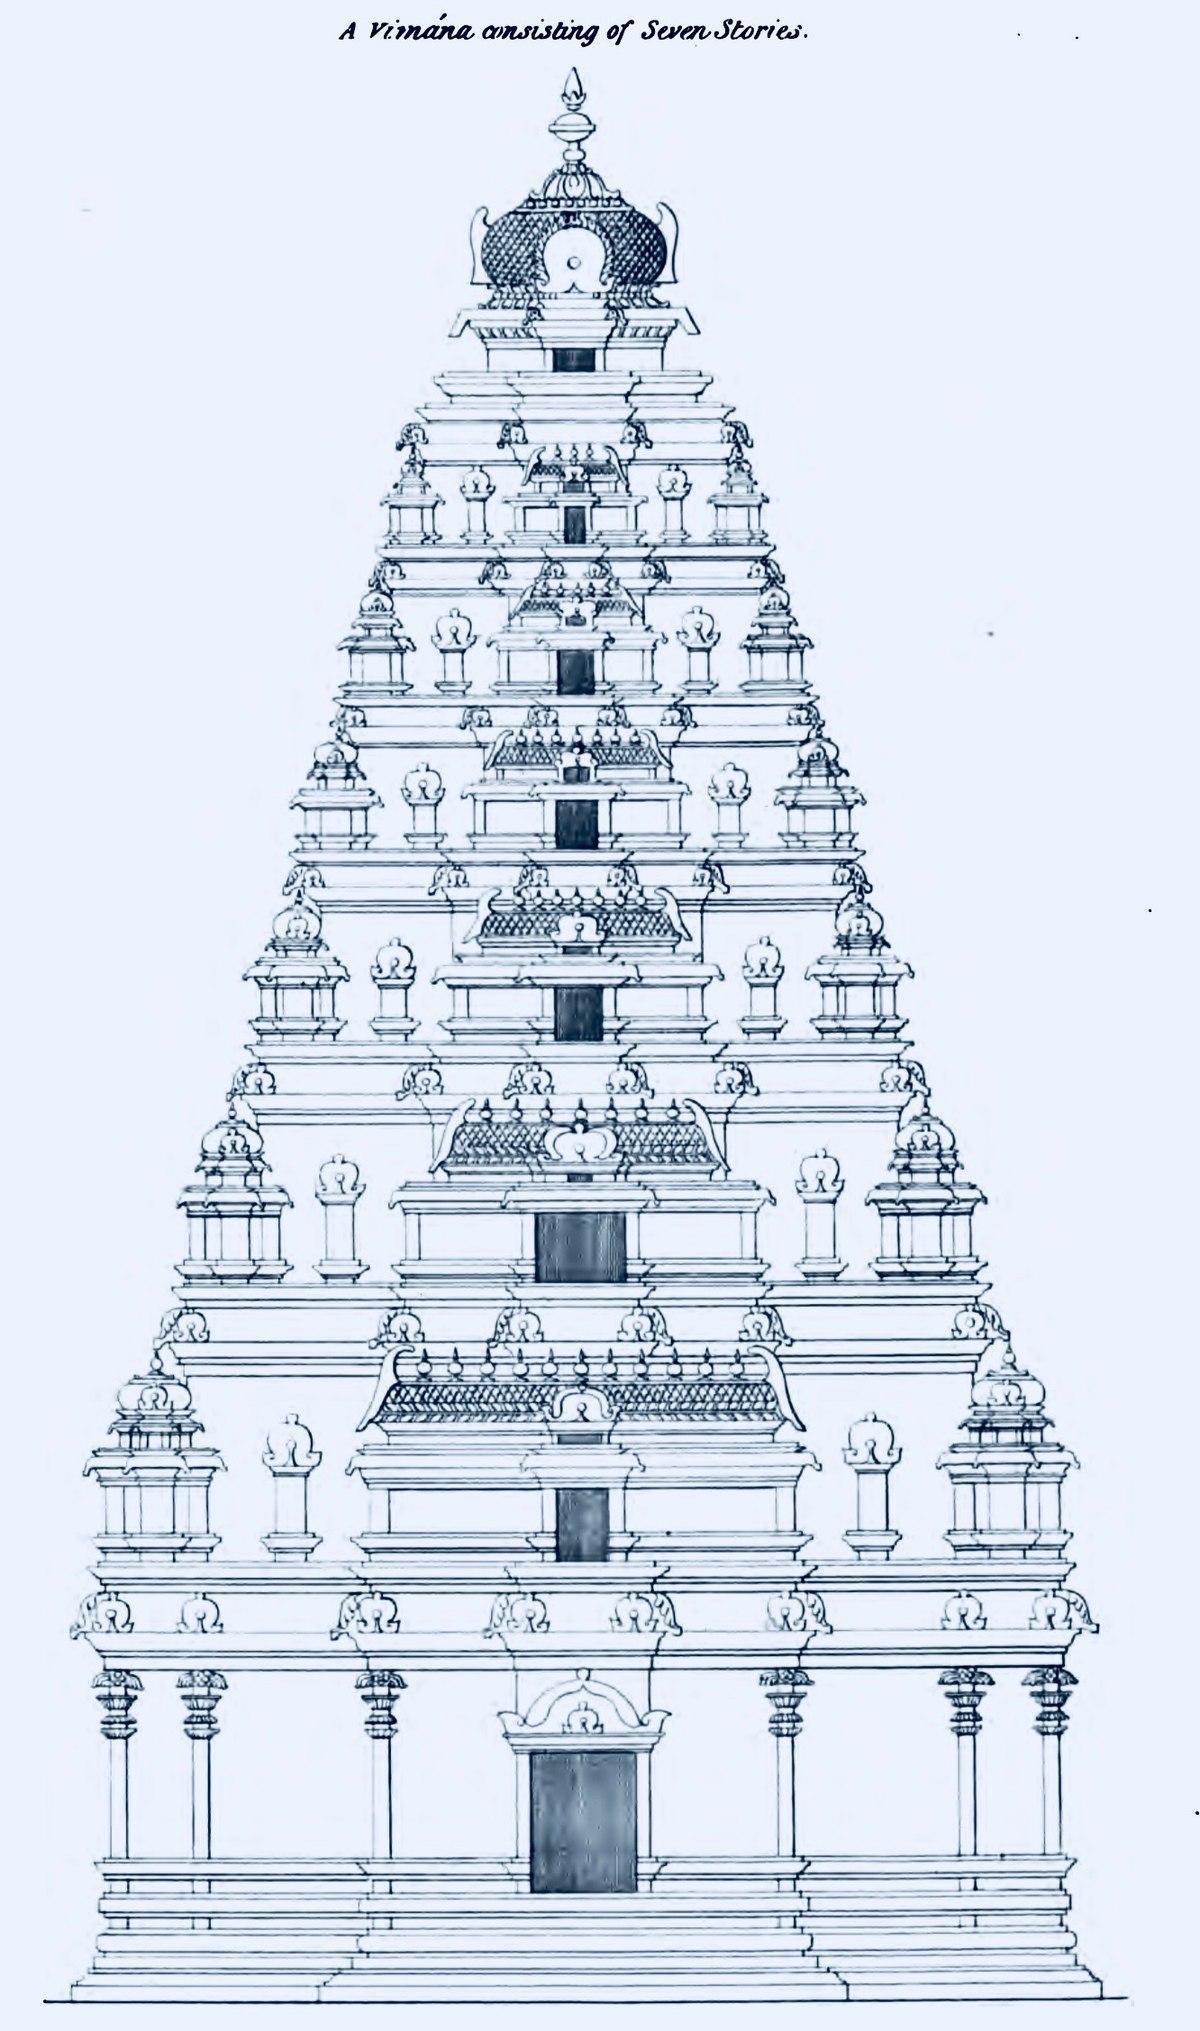 Vimana architectural feature wikipedia Architecture technique